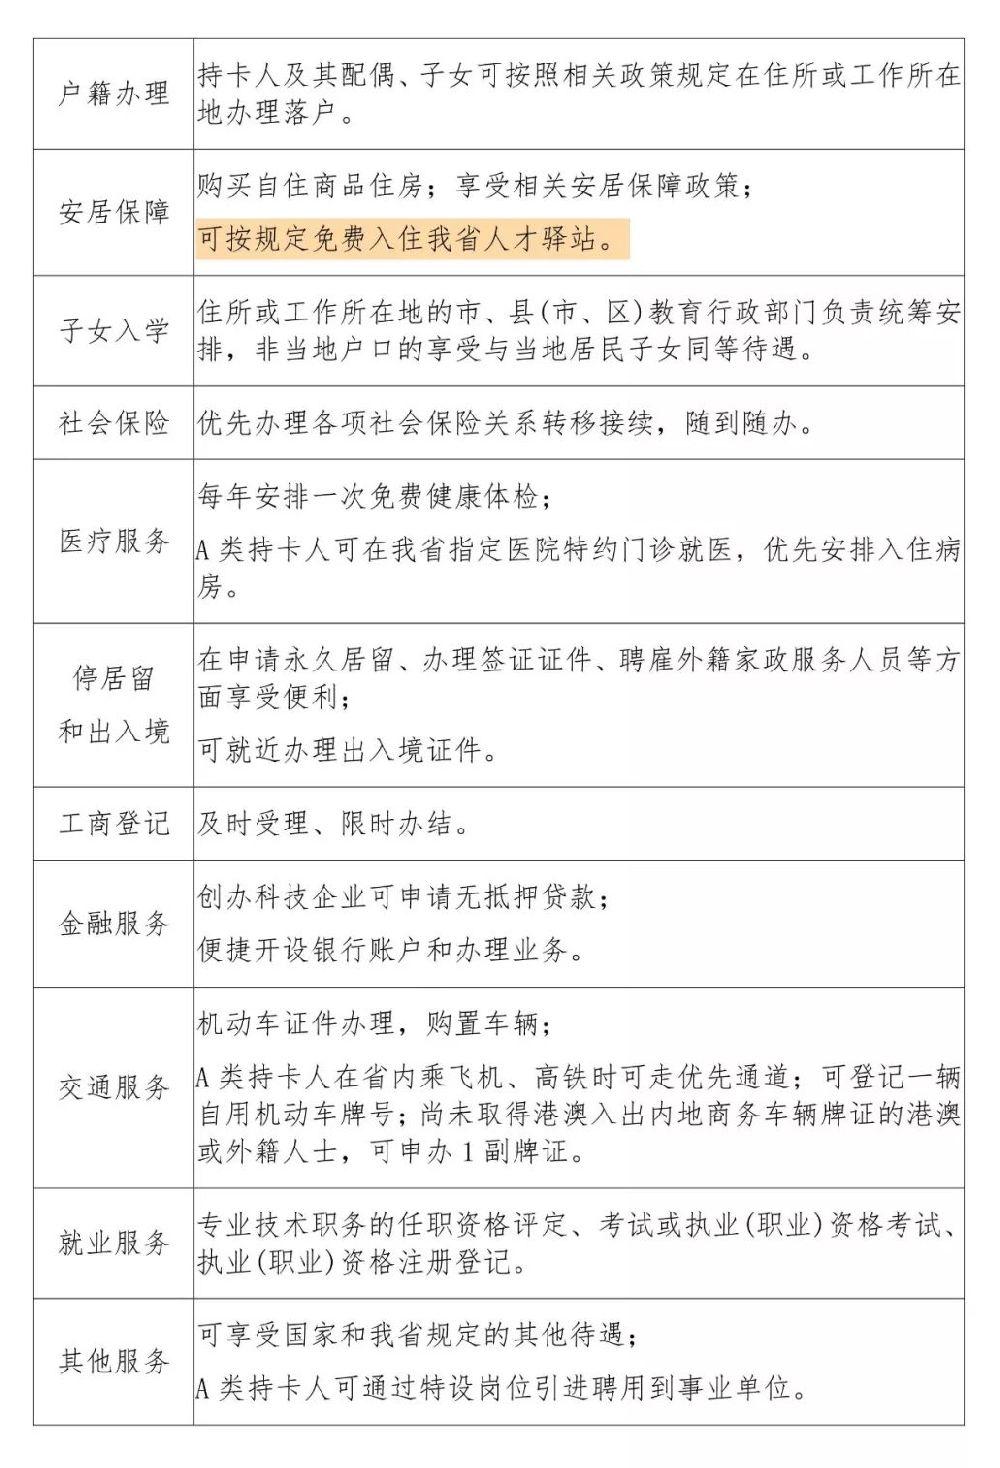 广东优粤卡持卡人可享受哪些便利服务?